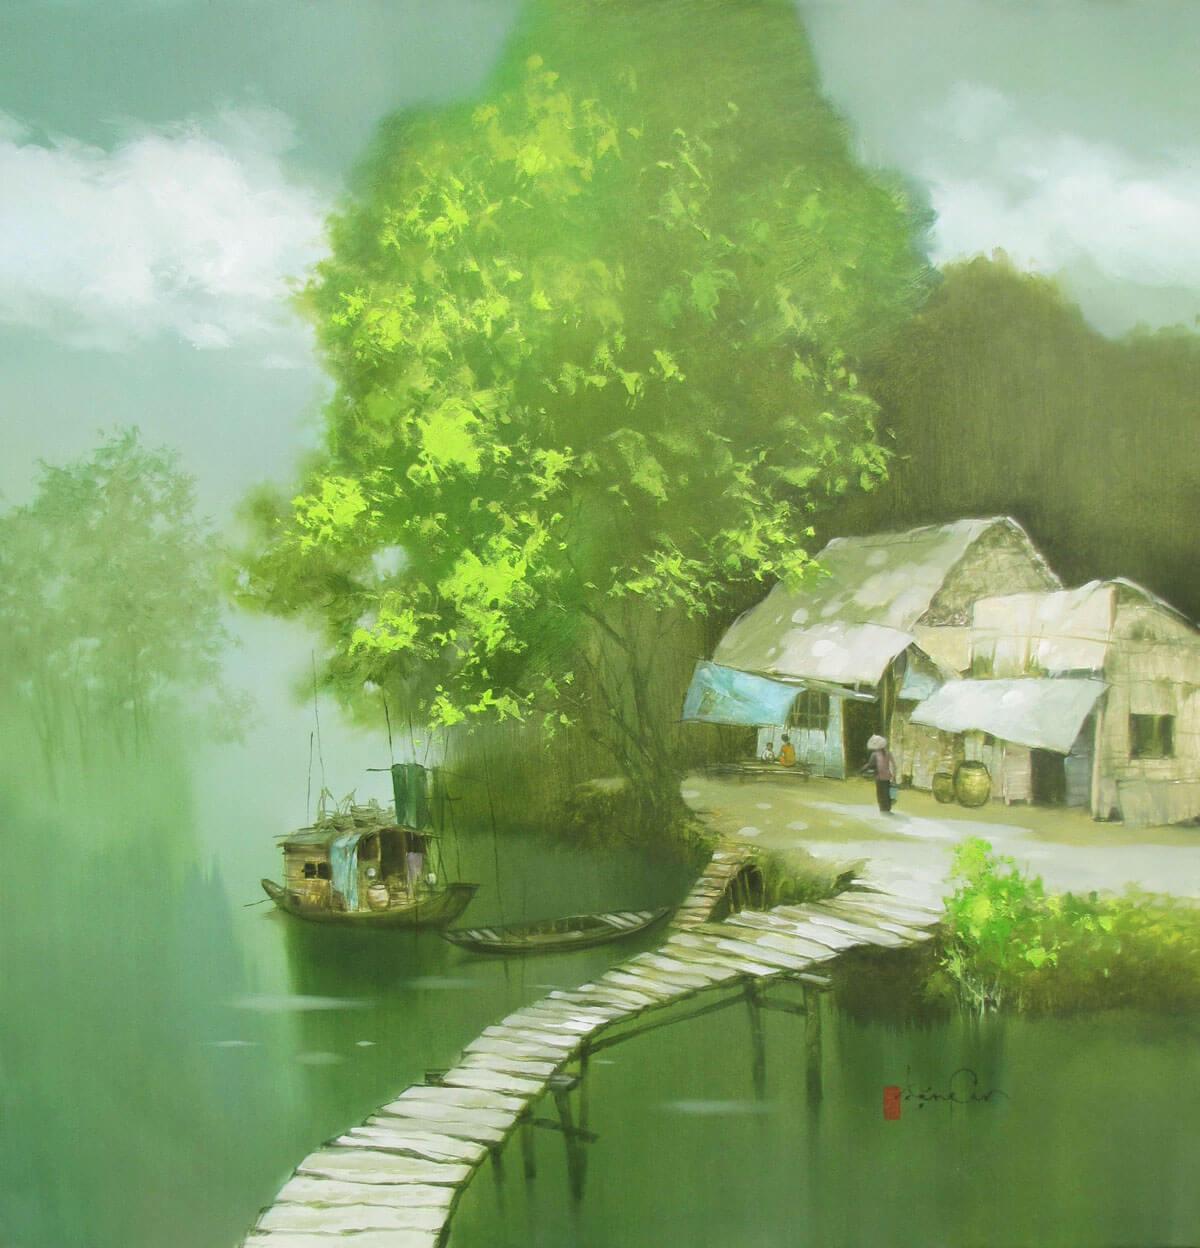 A peaceful day-Original Vietnamese Art